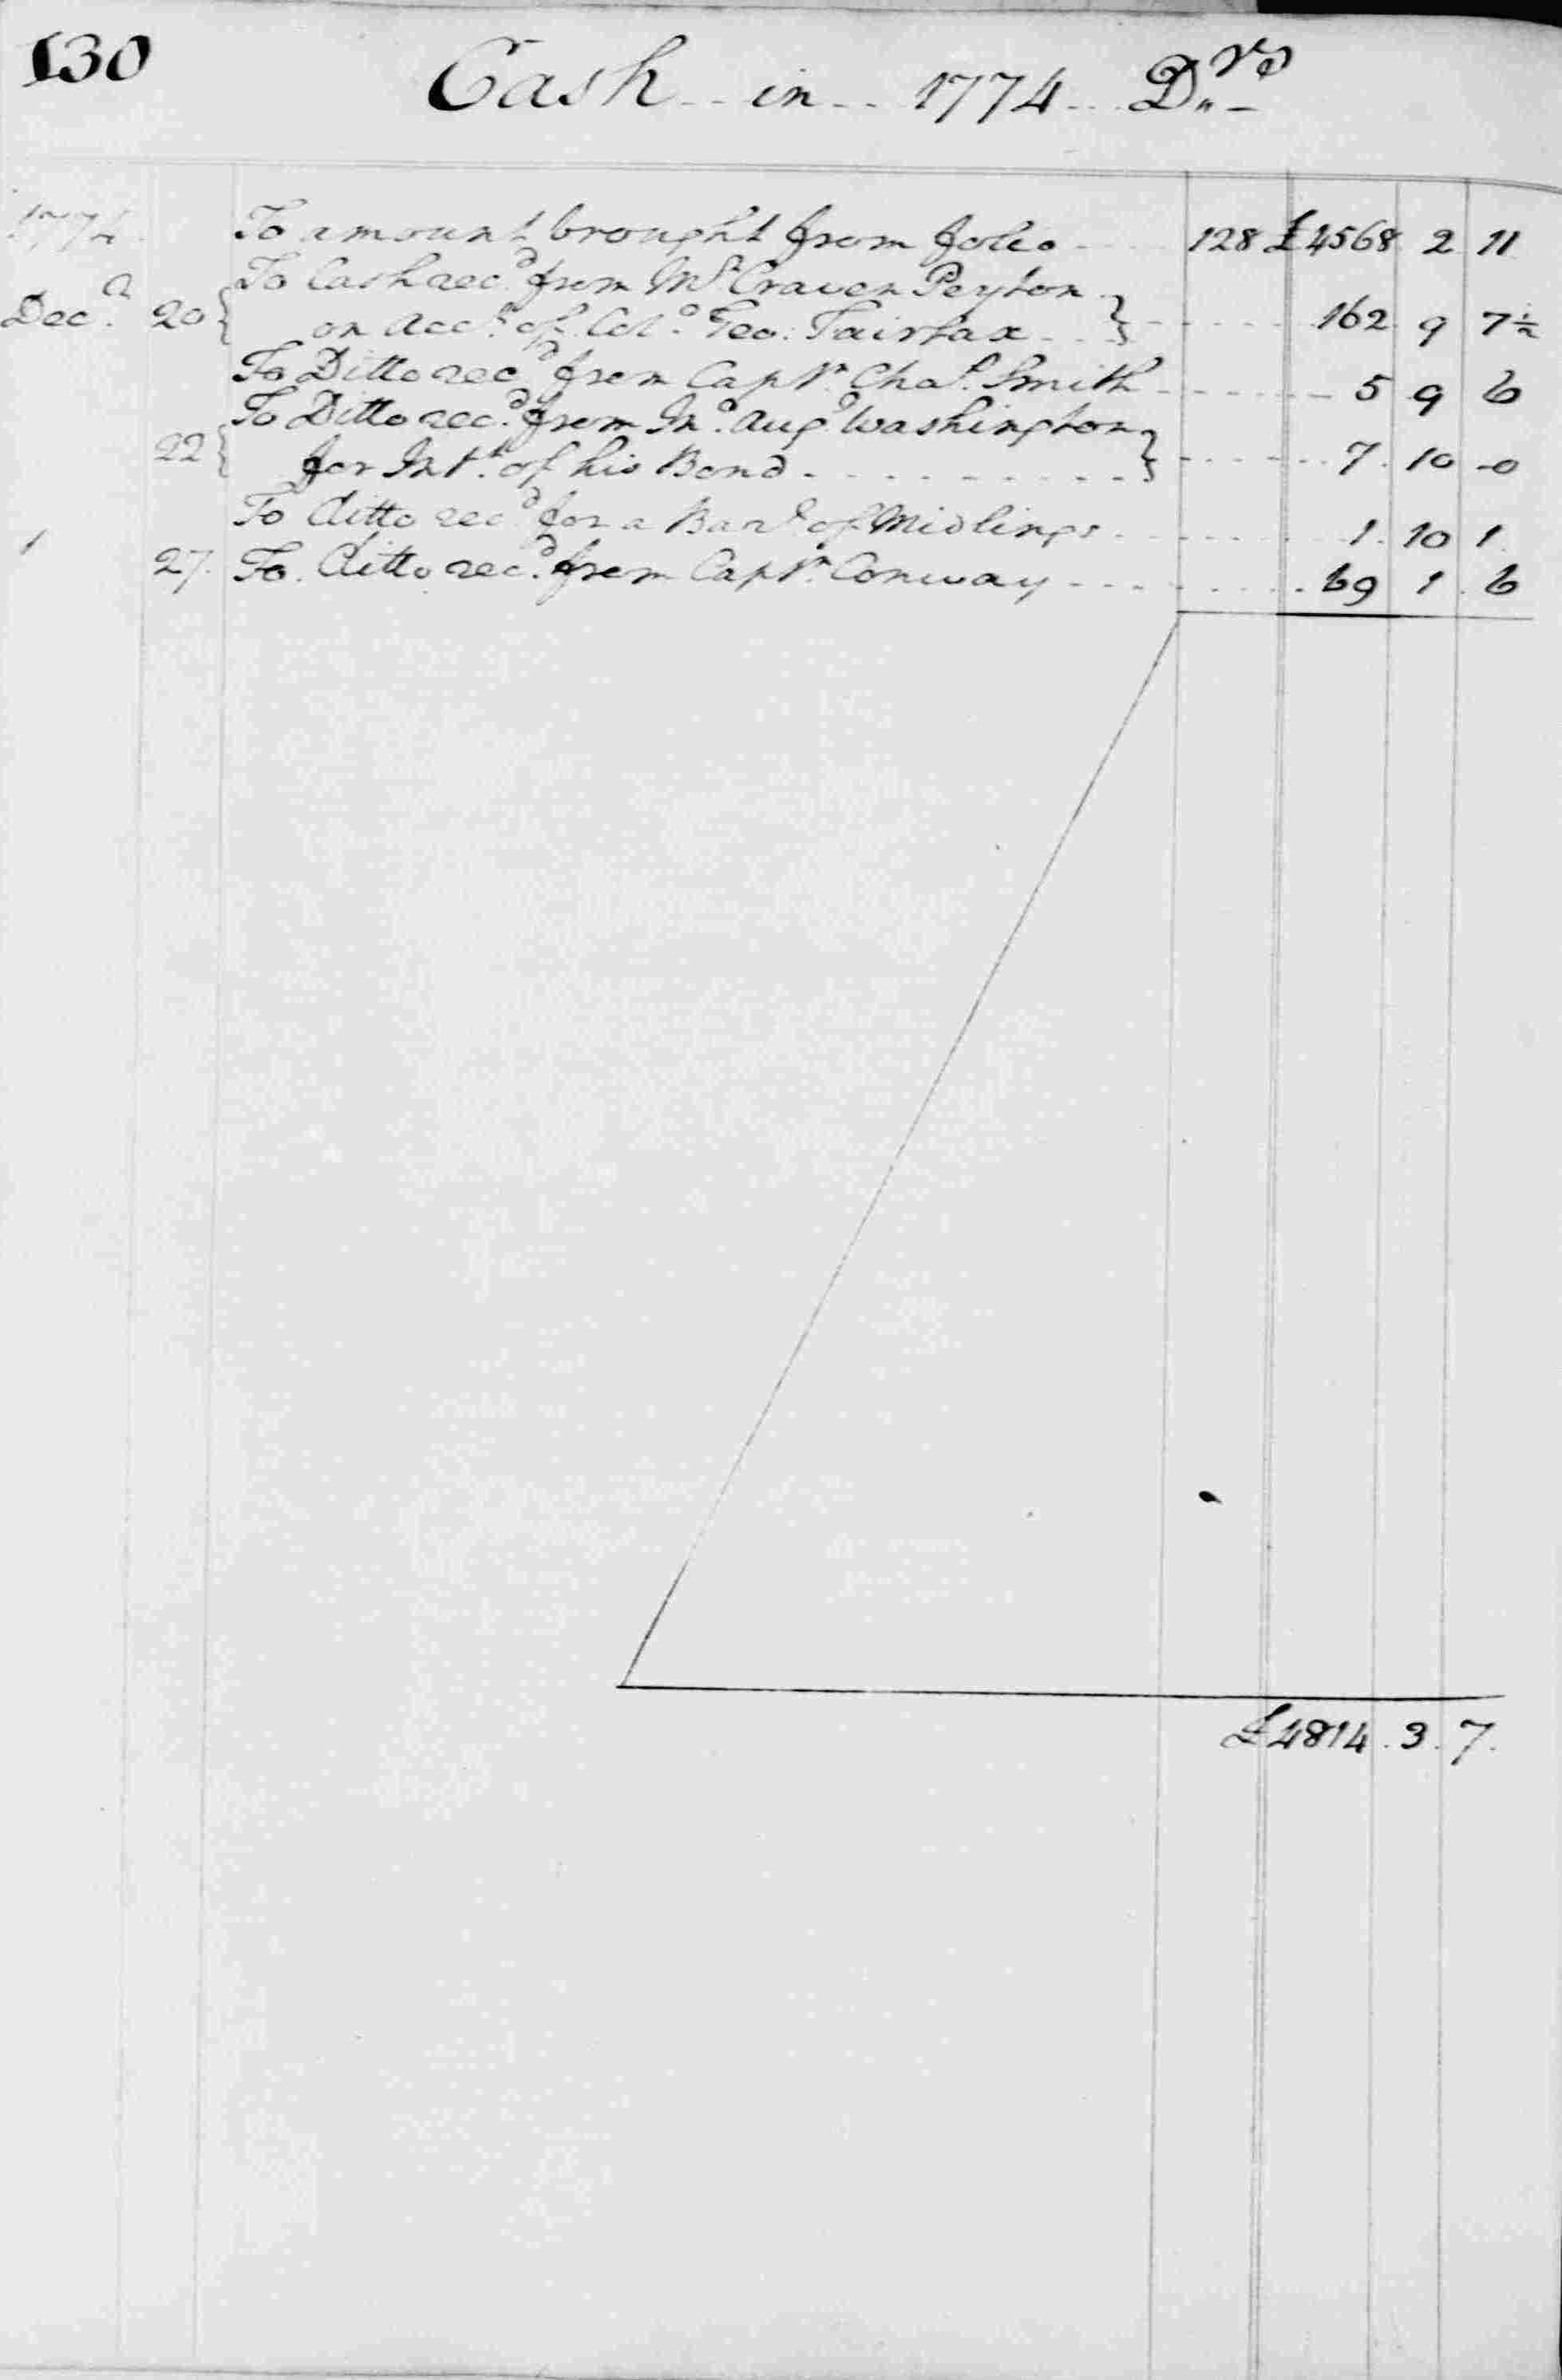 Ledger B, folio 130, left side